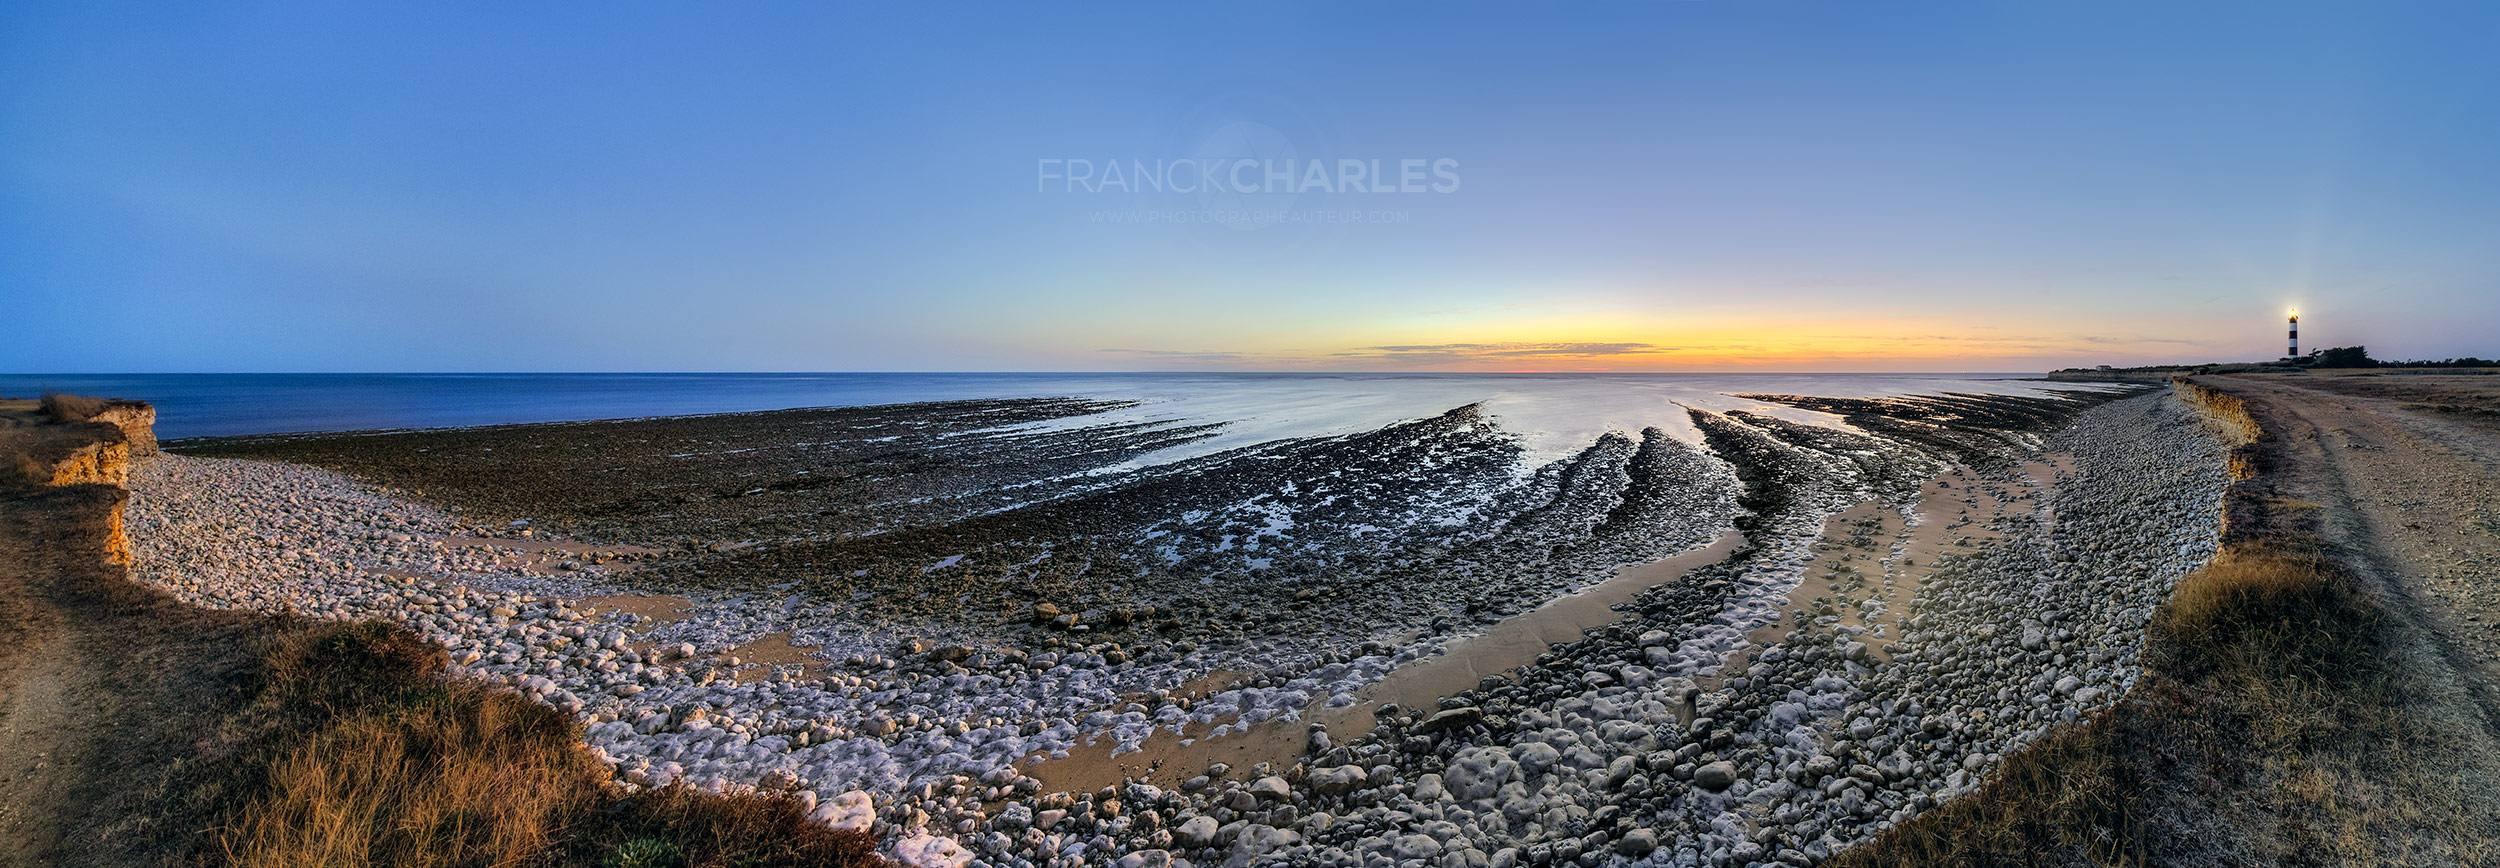 Horizon - Franck CHARLES